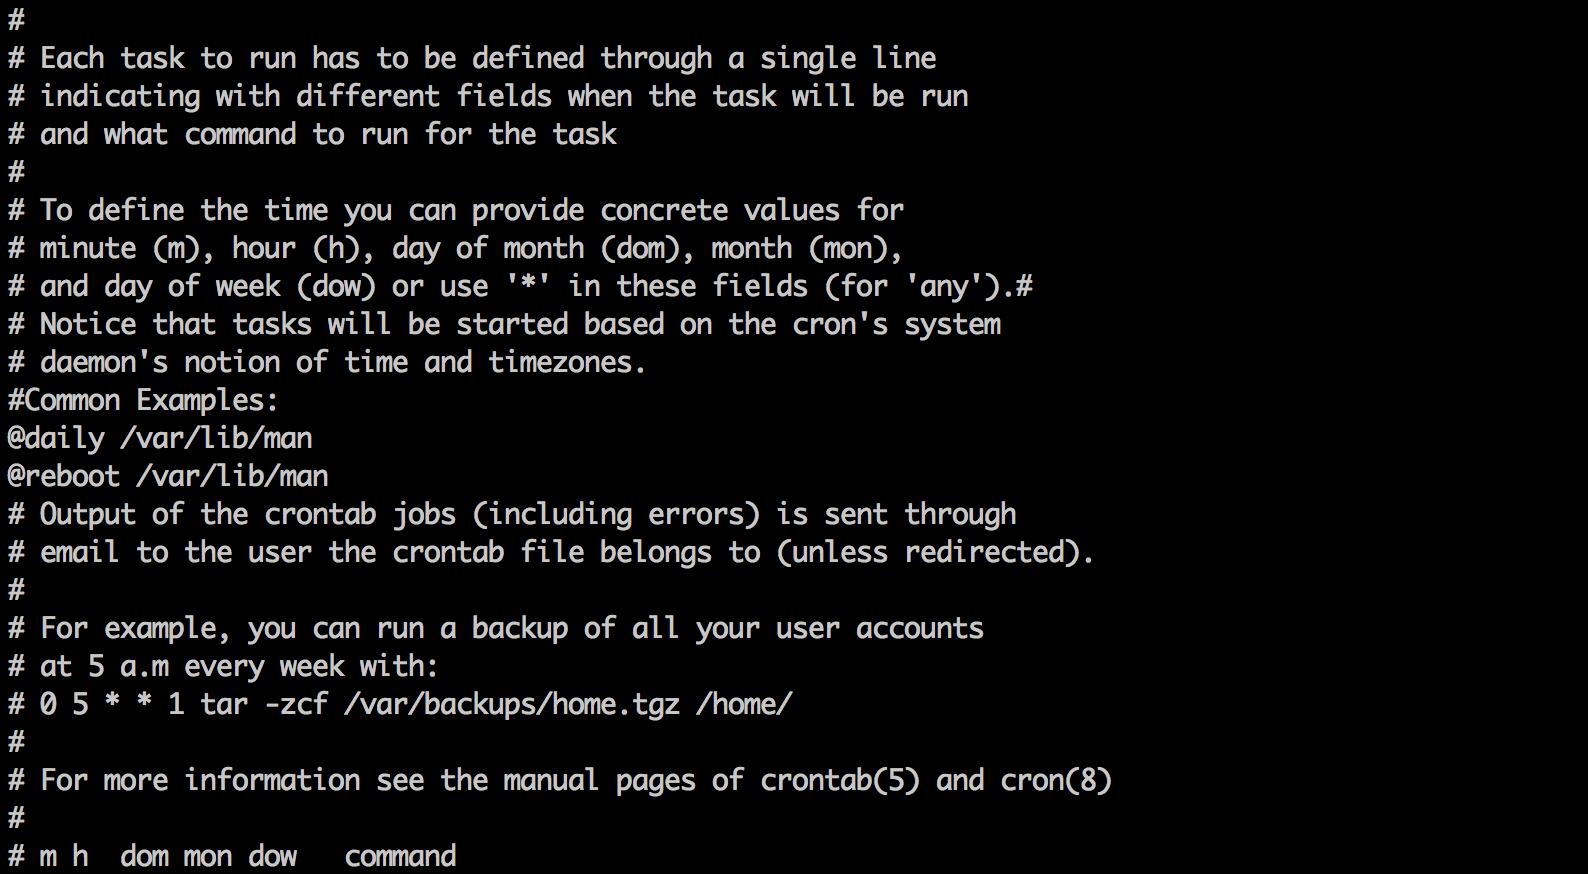 BLL_Linux Mint_Image4.png